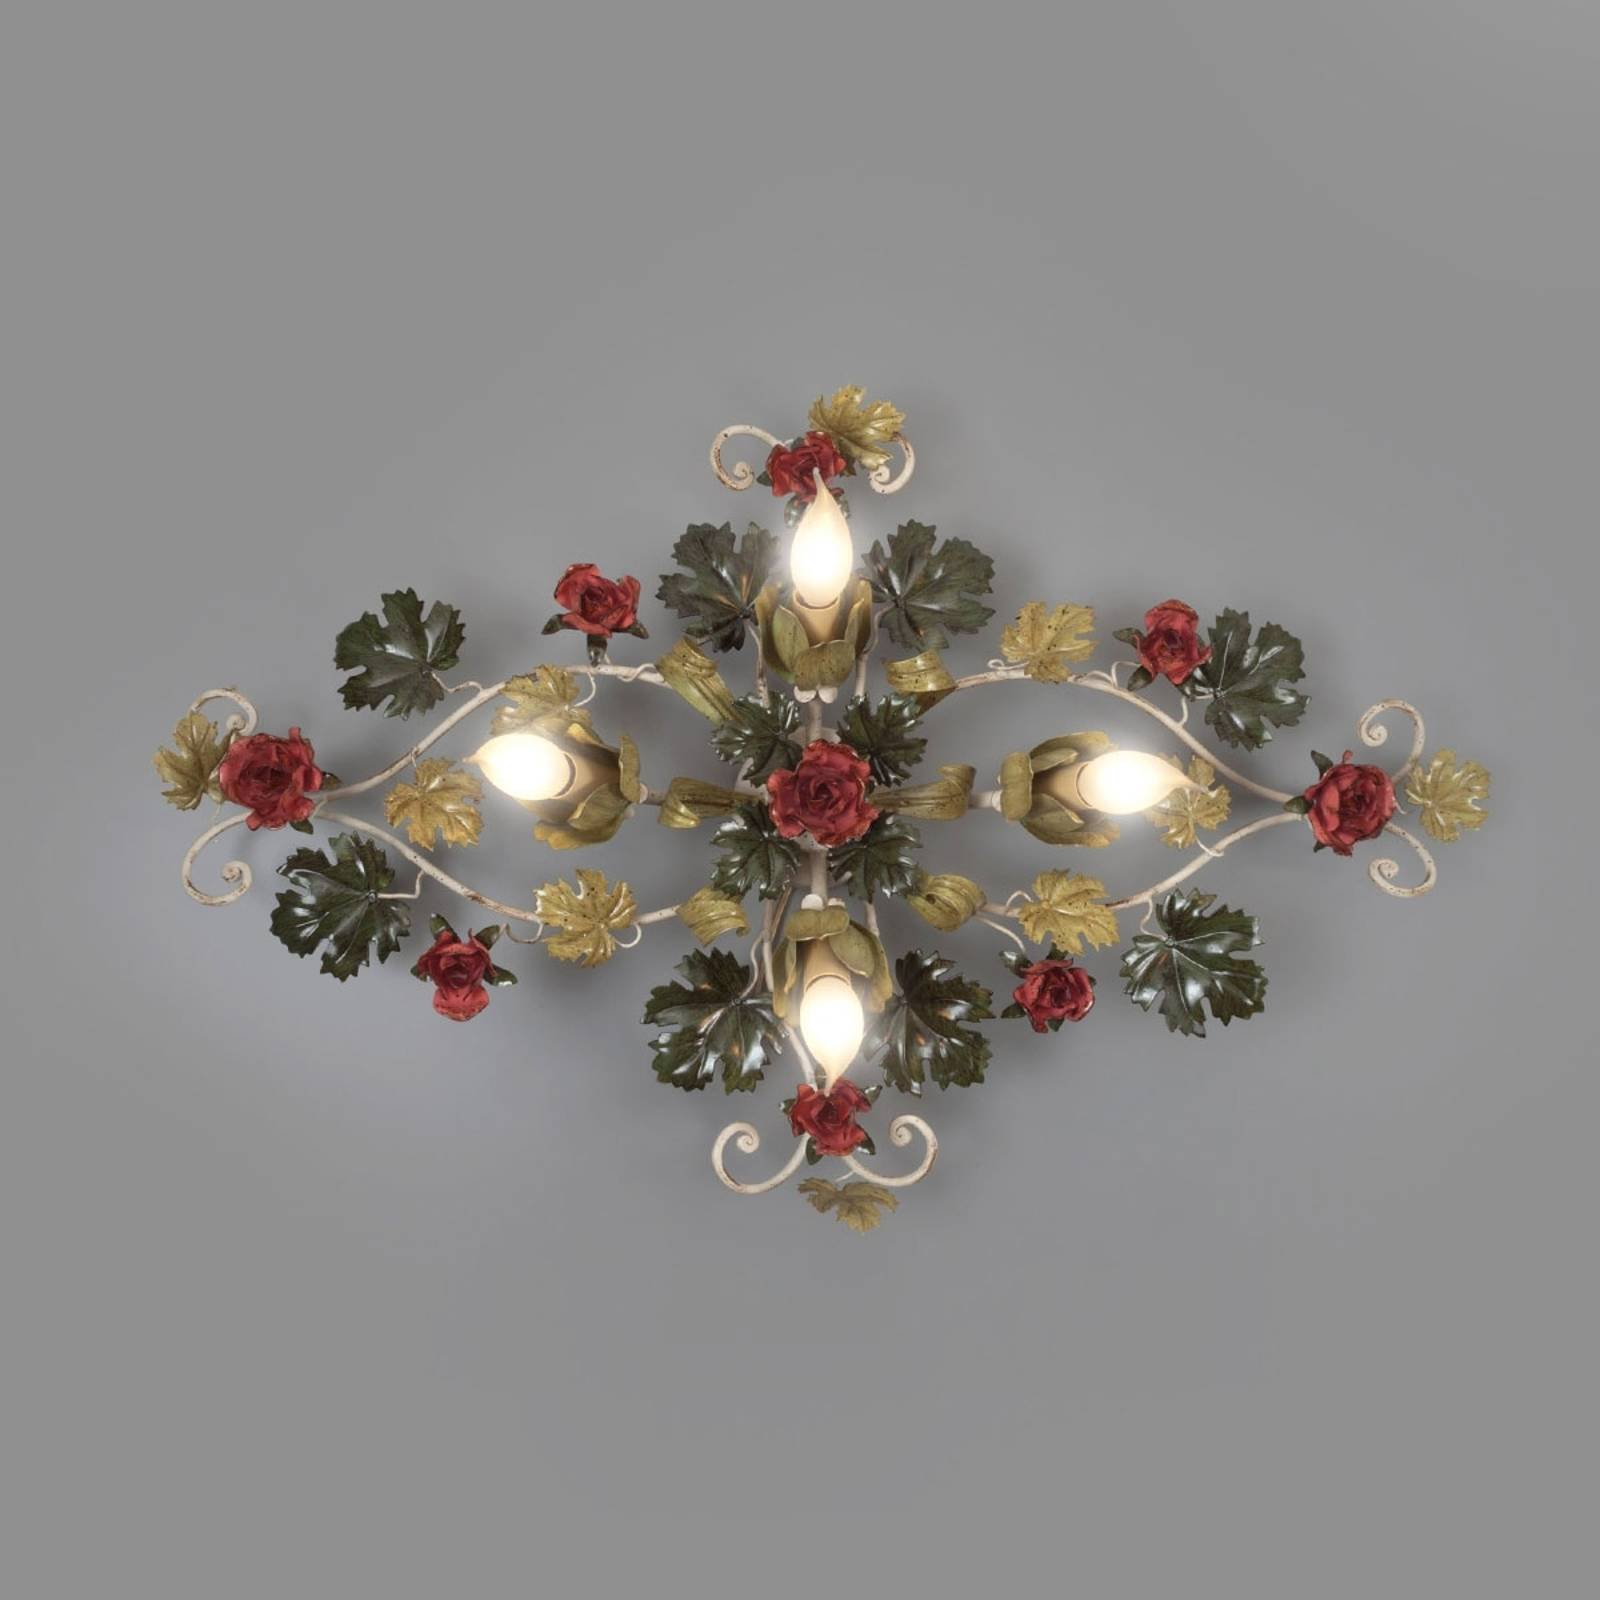 Rosedekorert taklampe Ancona, lengde 87 cm